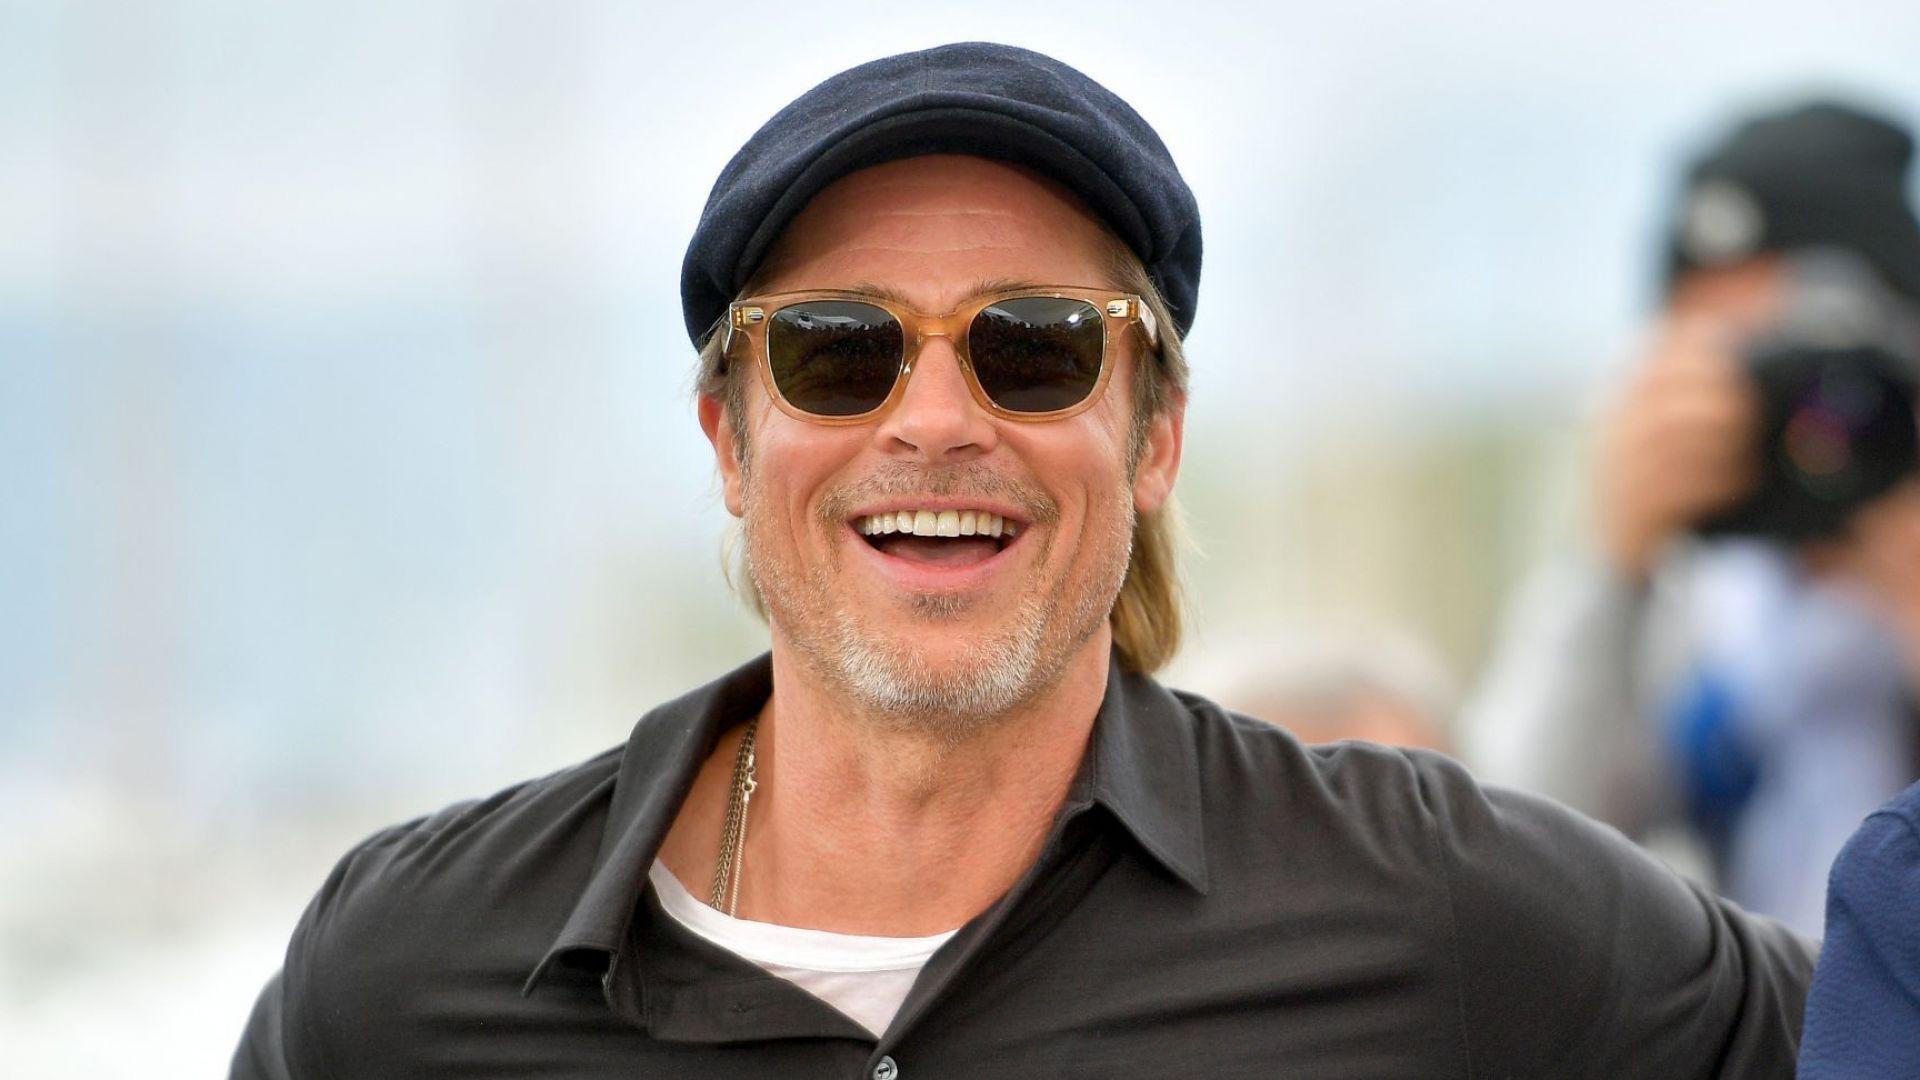 Брад Пит последва примера на Джордж Клуни и стана рекламно лице на кафе-машини